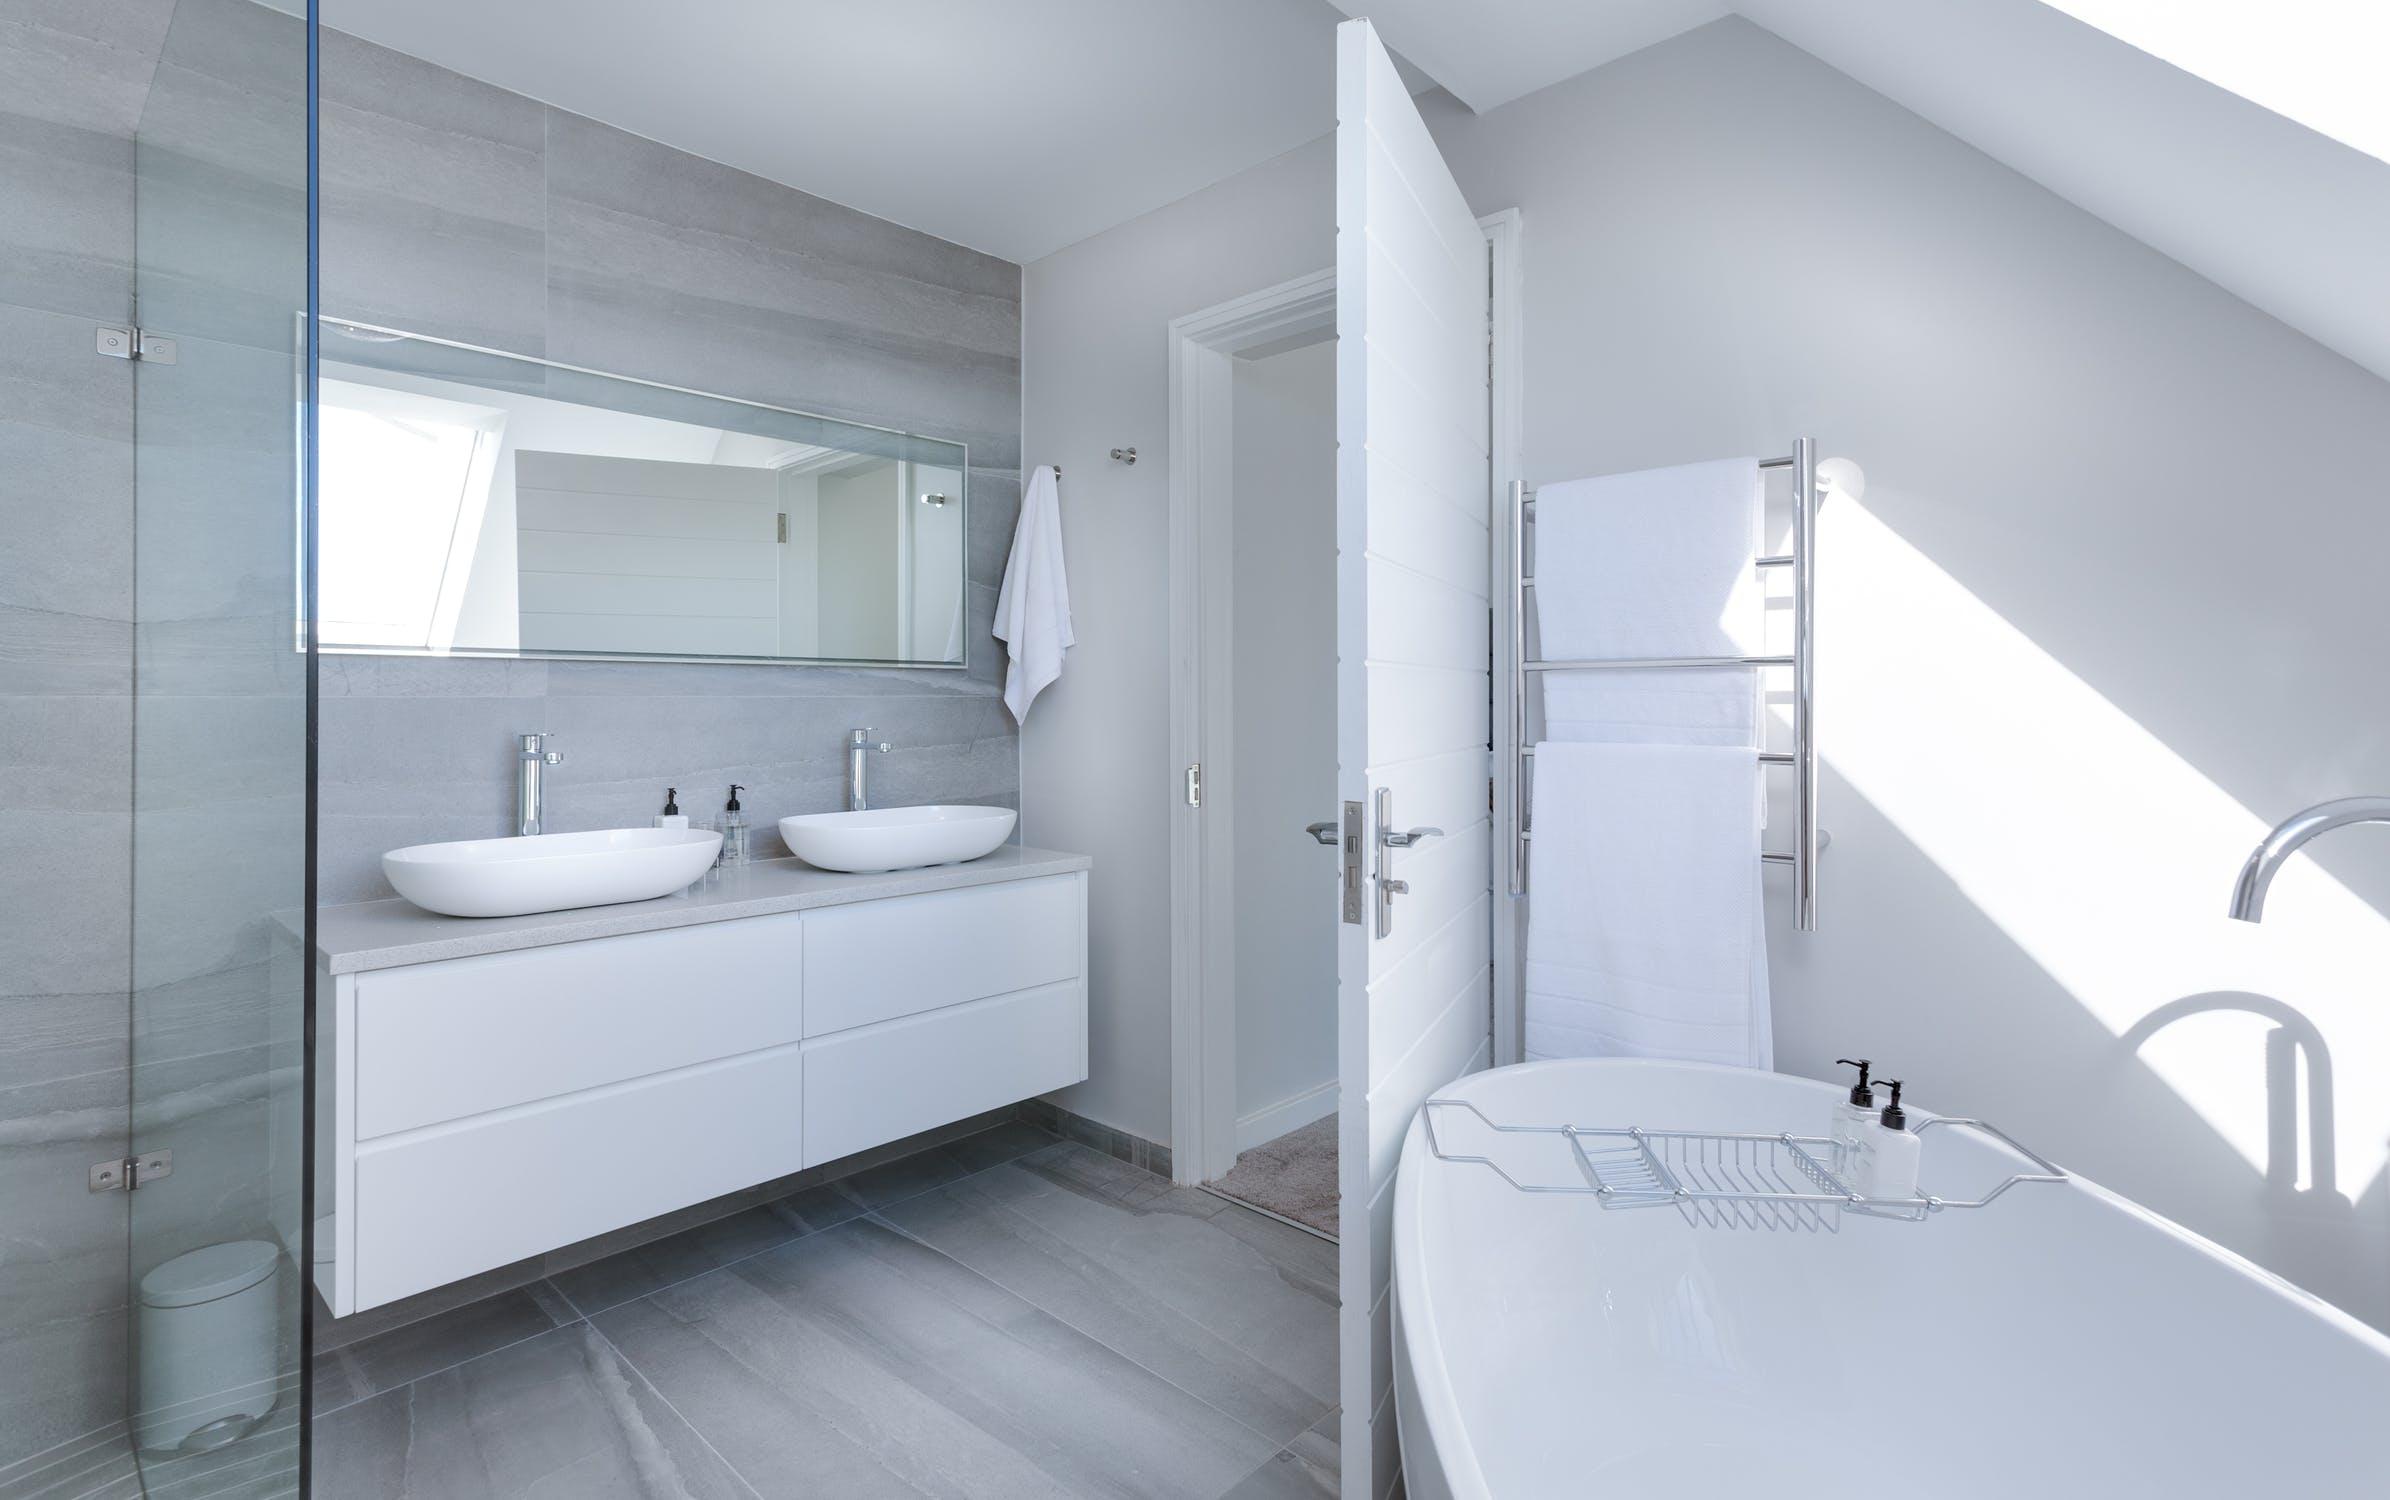 Bathroom image from Pexels